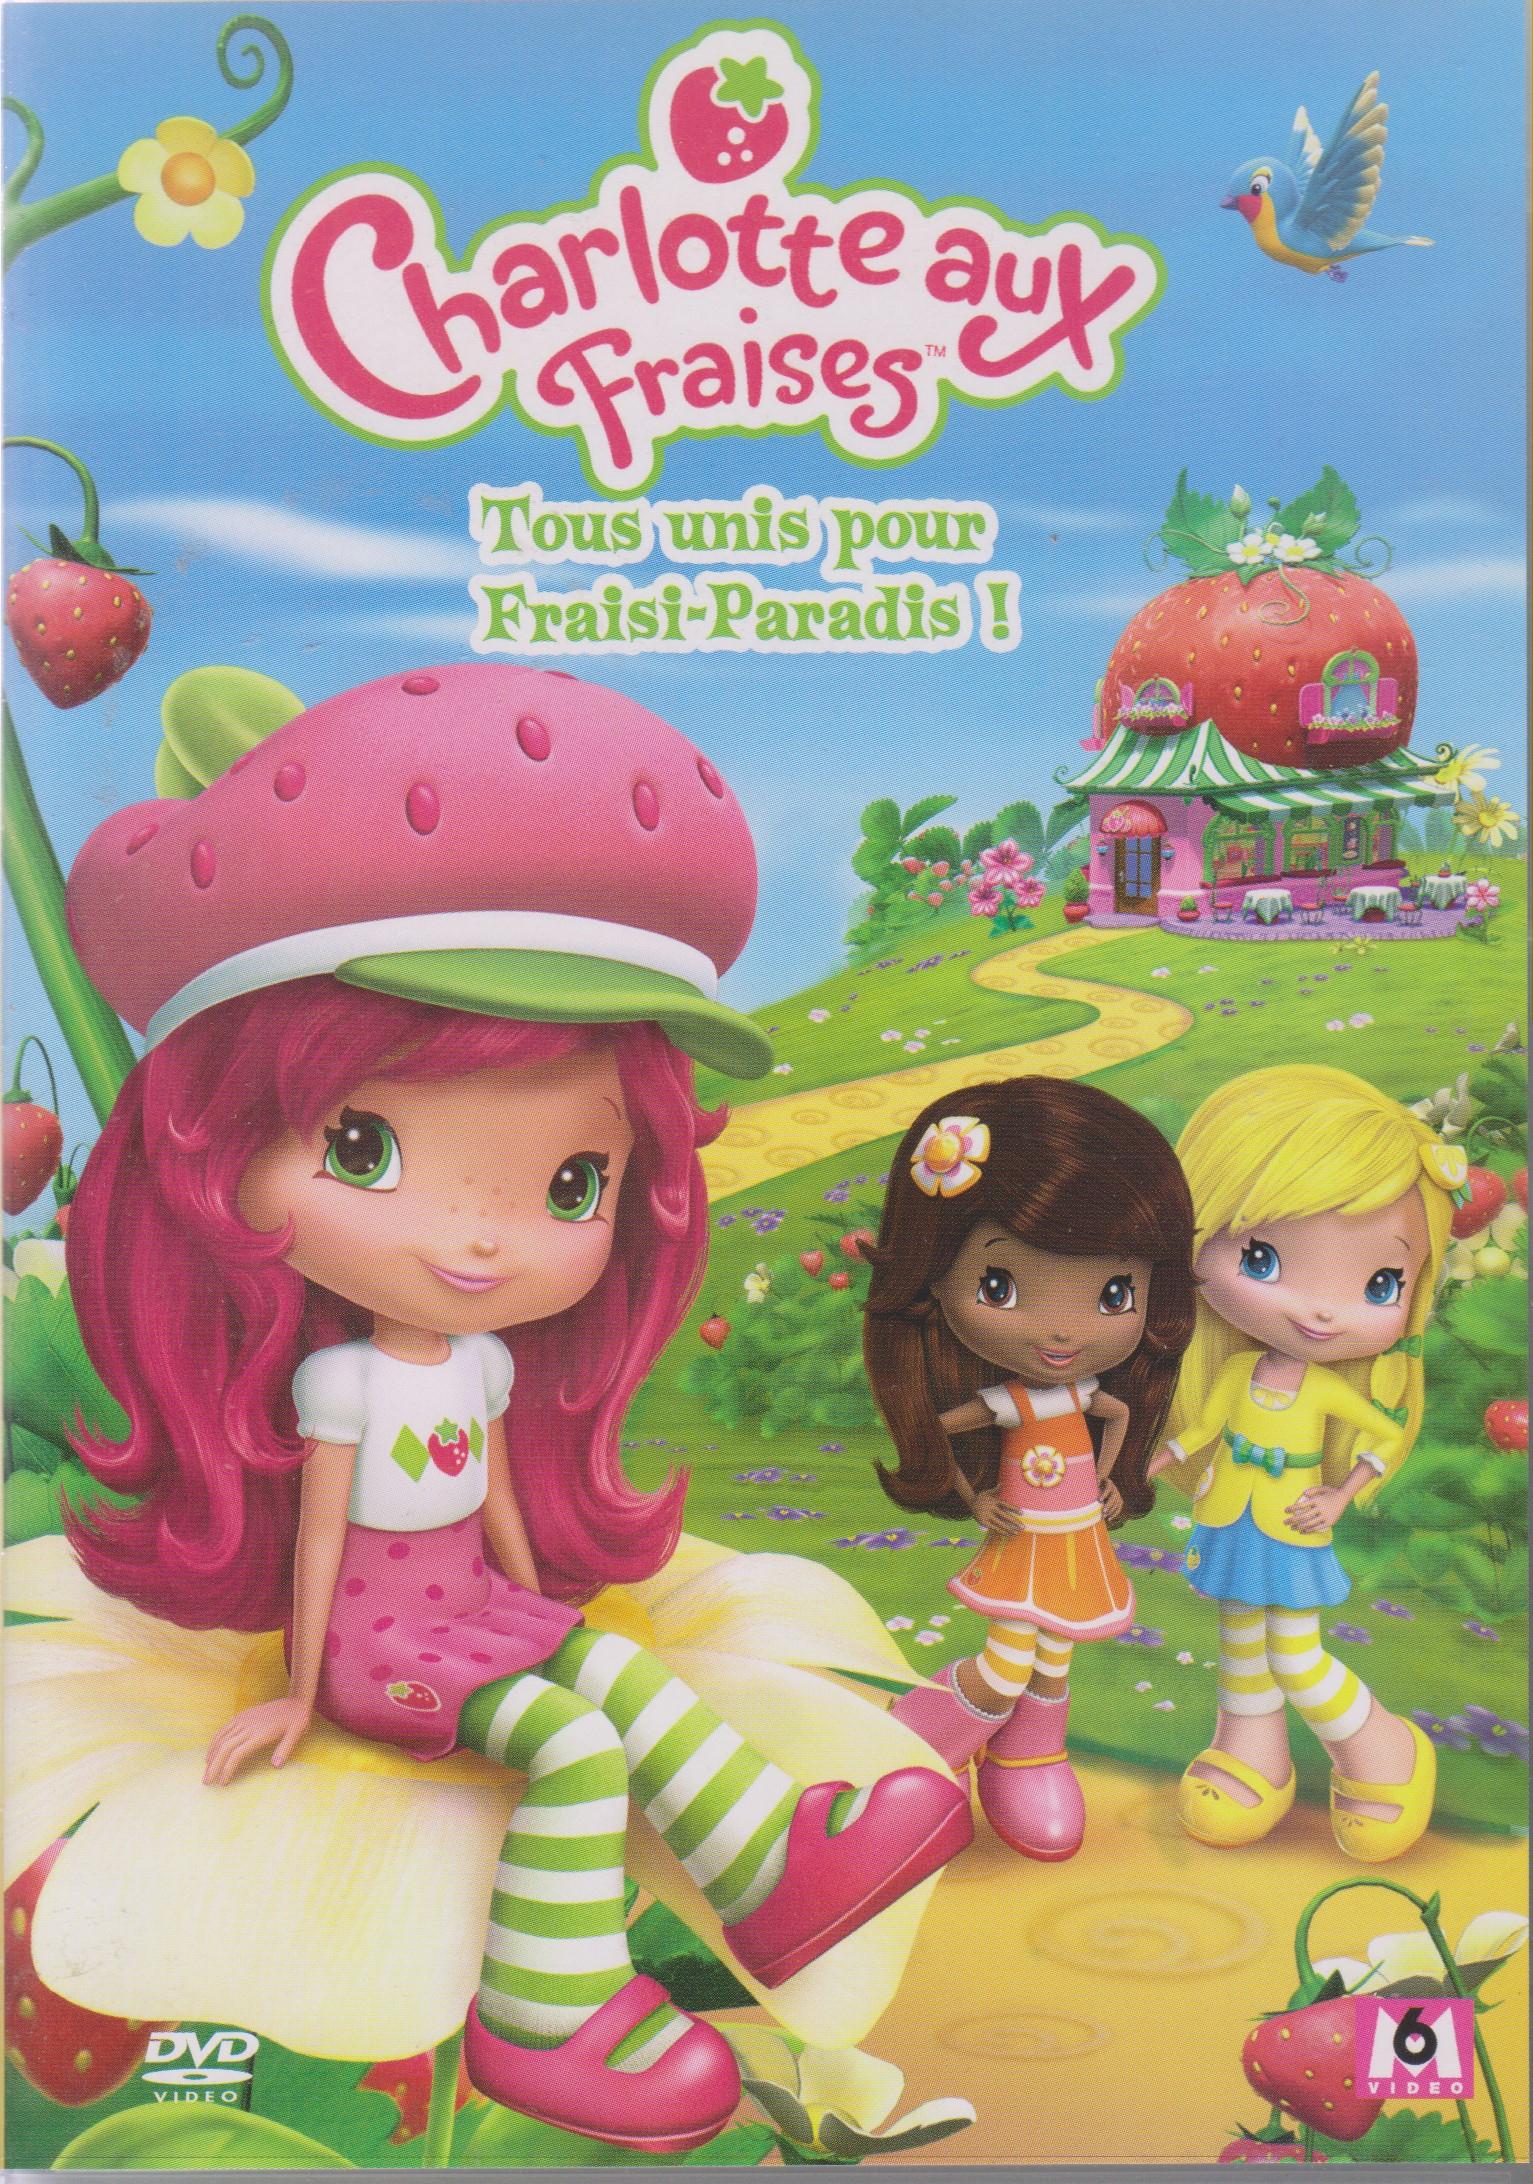 Tous Unis Pour Fraisi-Paradis concernant Coloriage Charlotte Aux Fraises Et Ses Amies